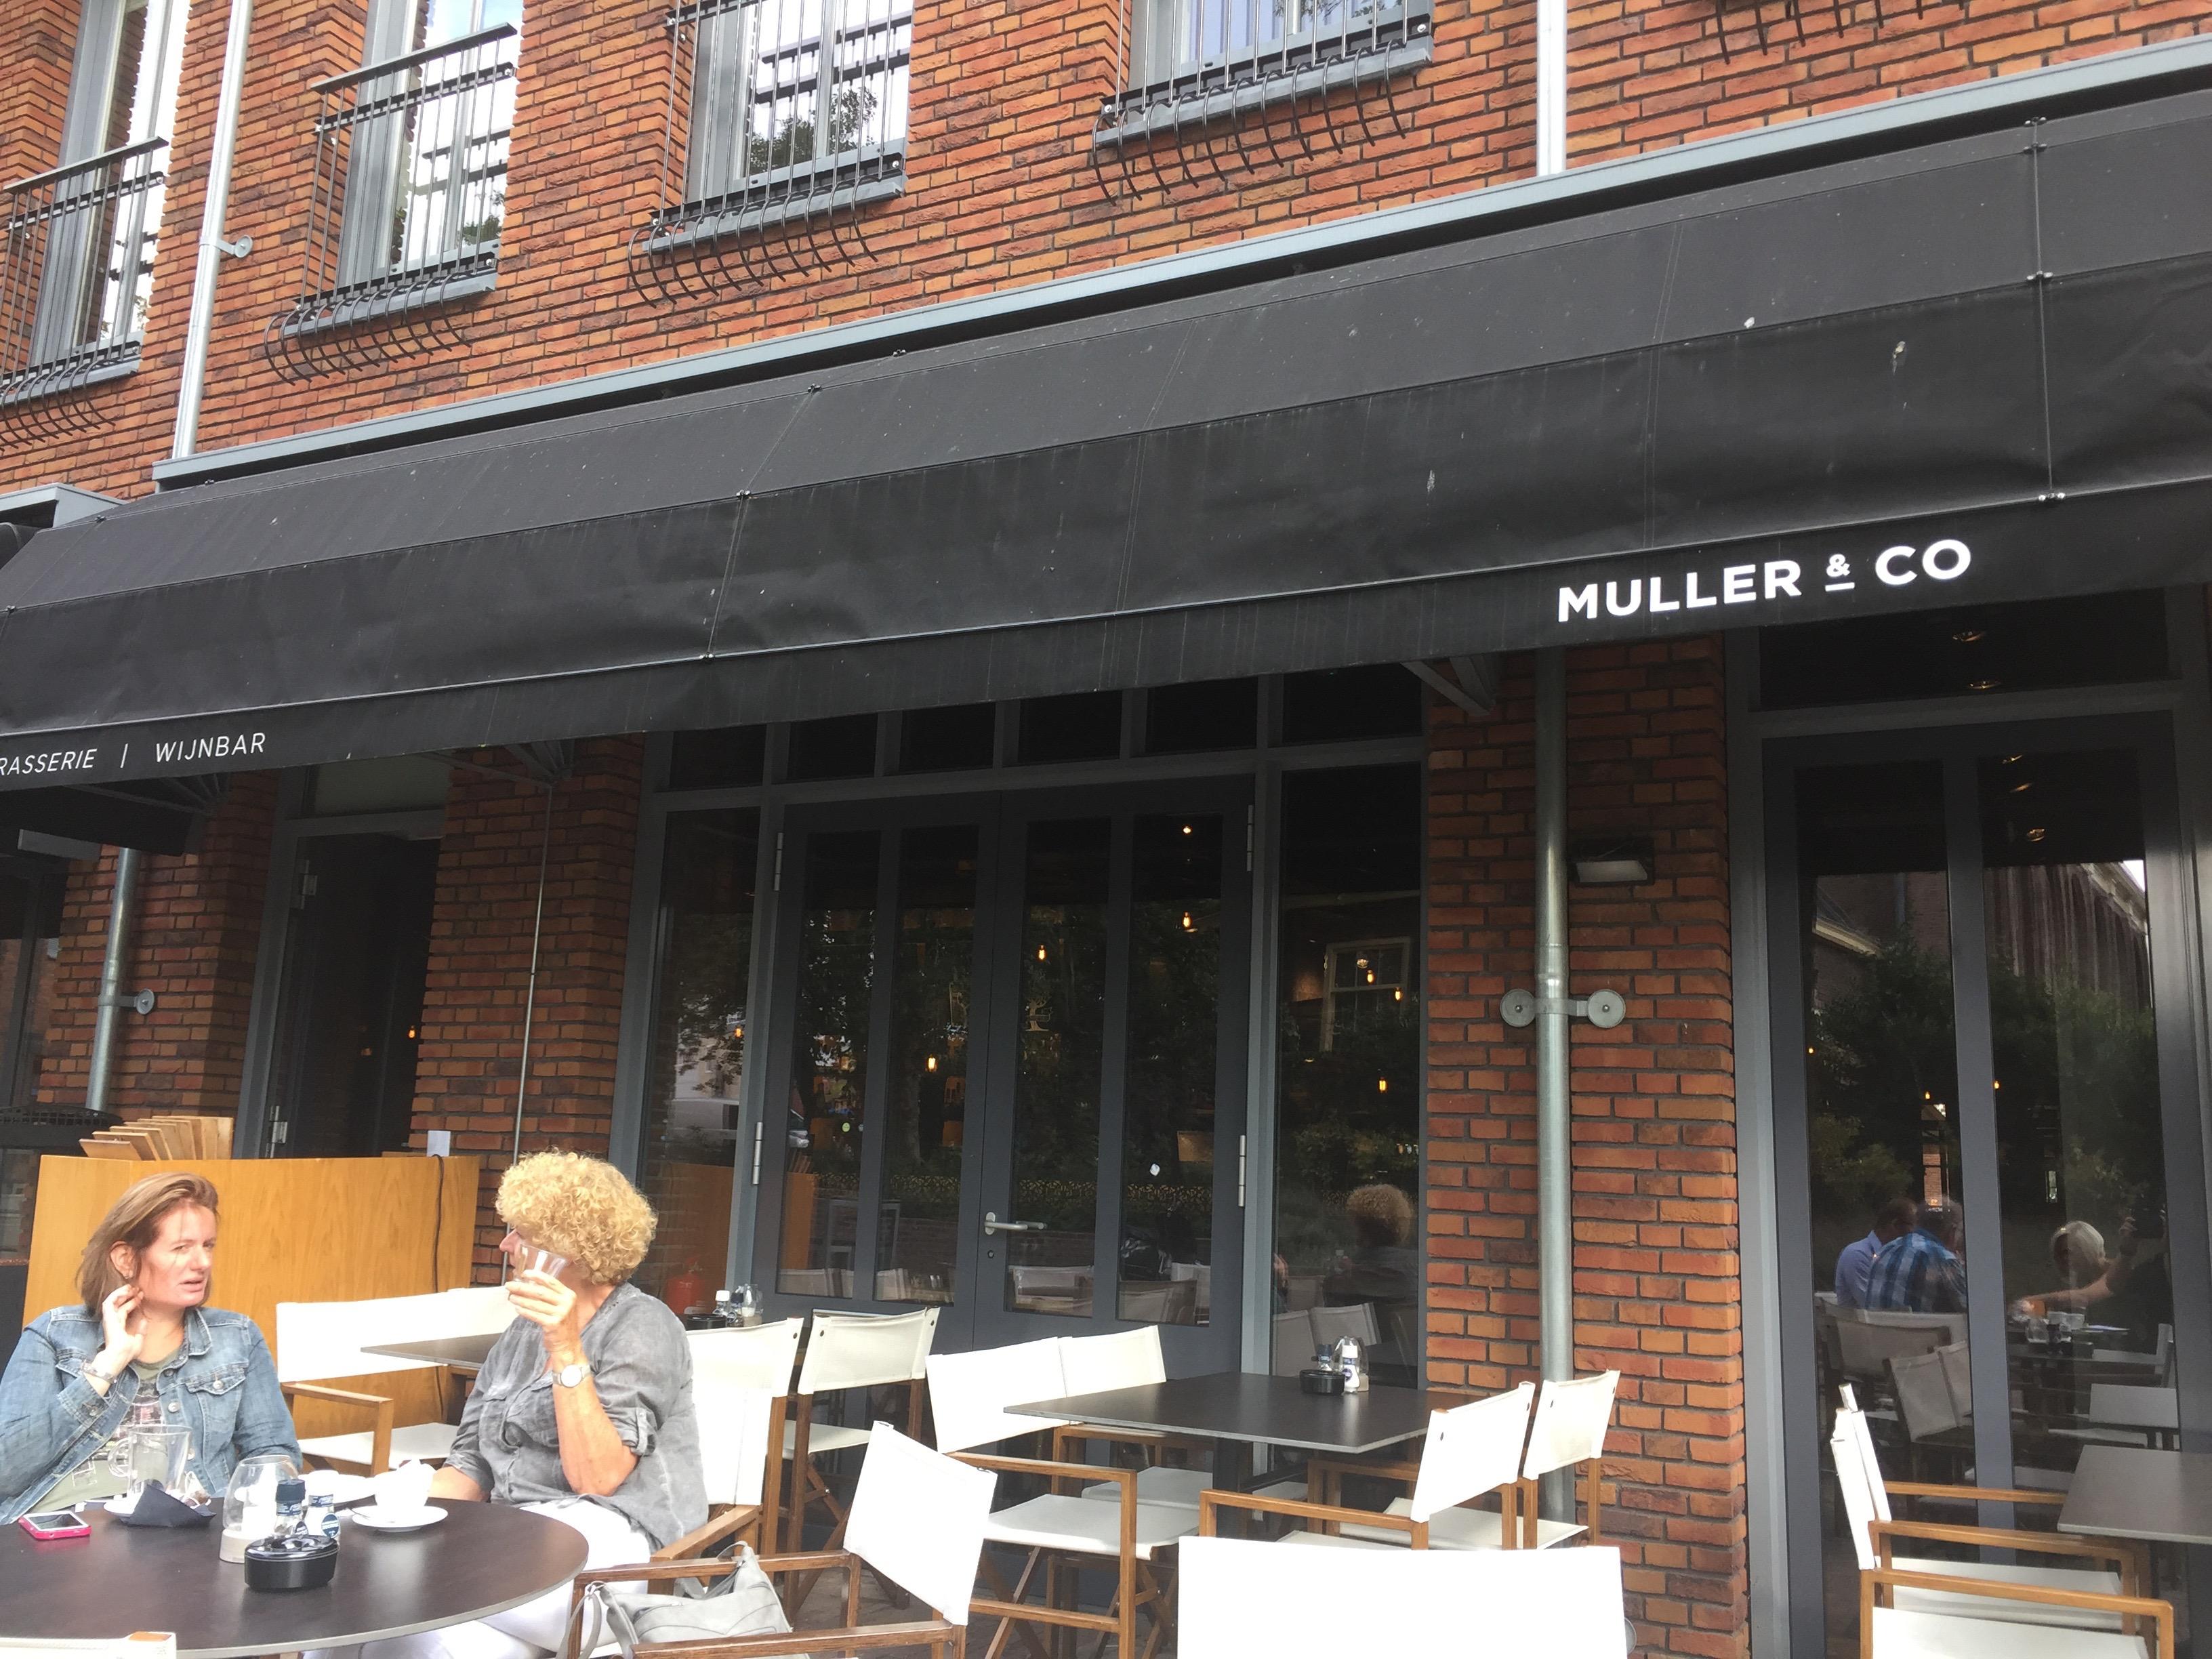 Muller & Co